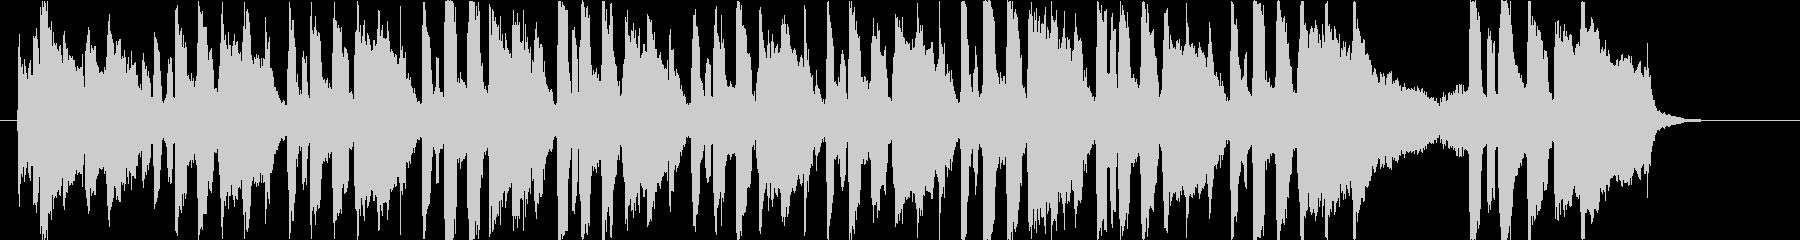 誕生日の歌(ワルツver) 【汎用】の未再生の波形